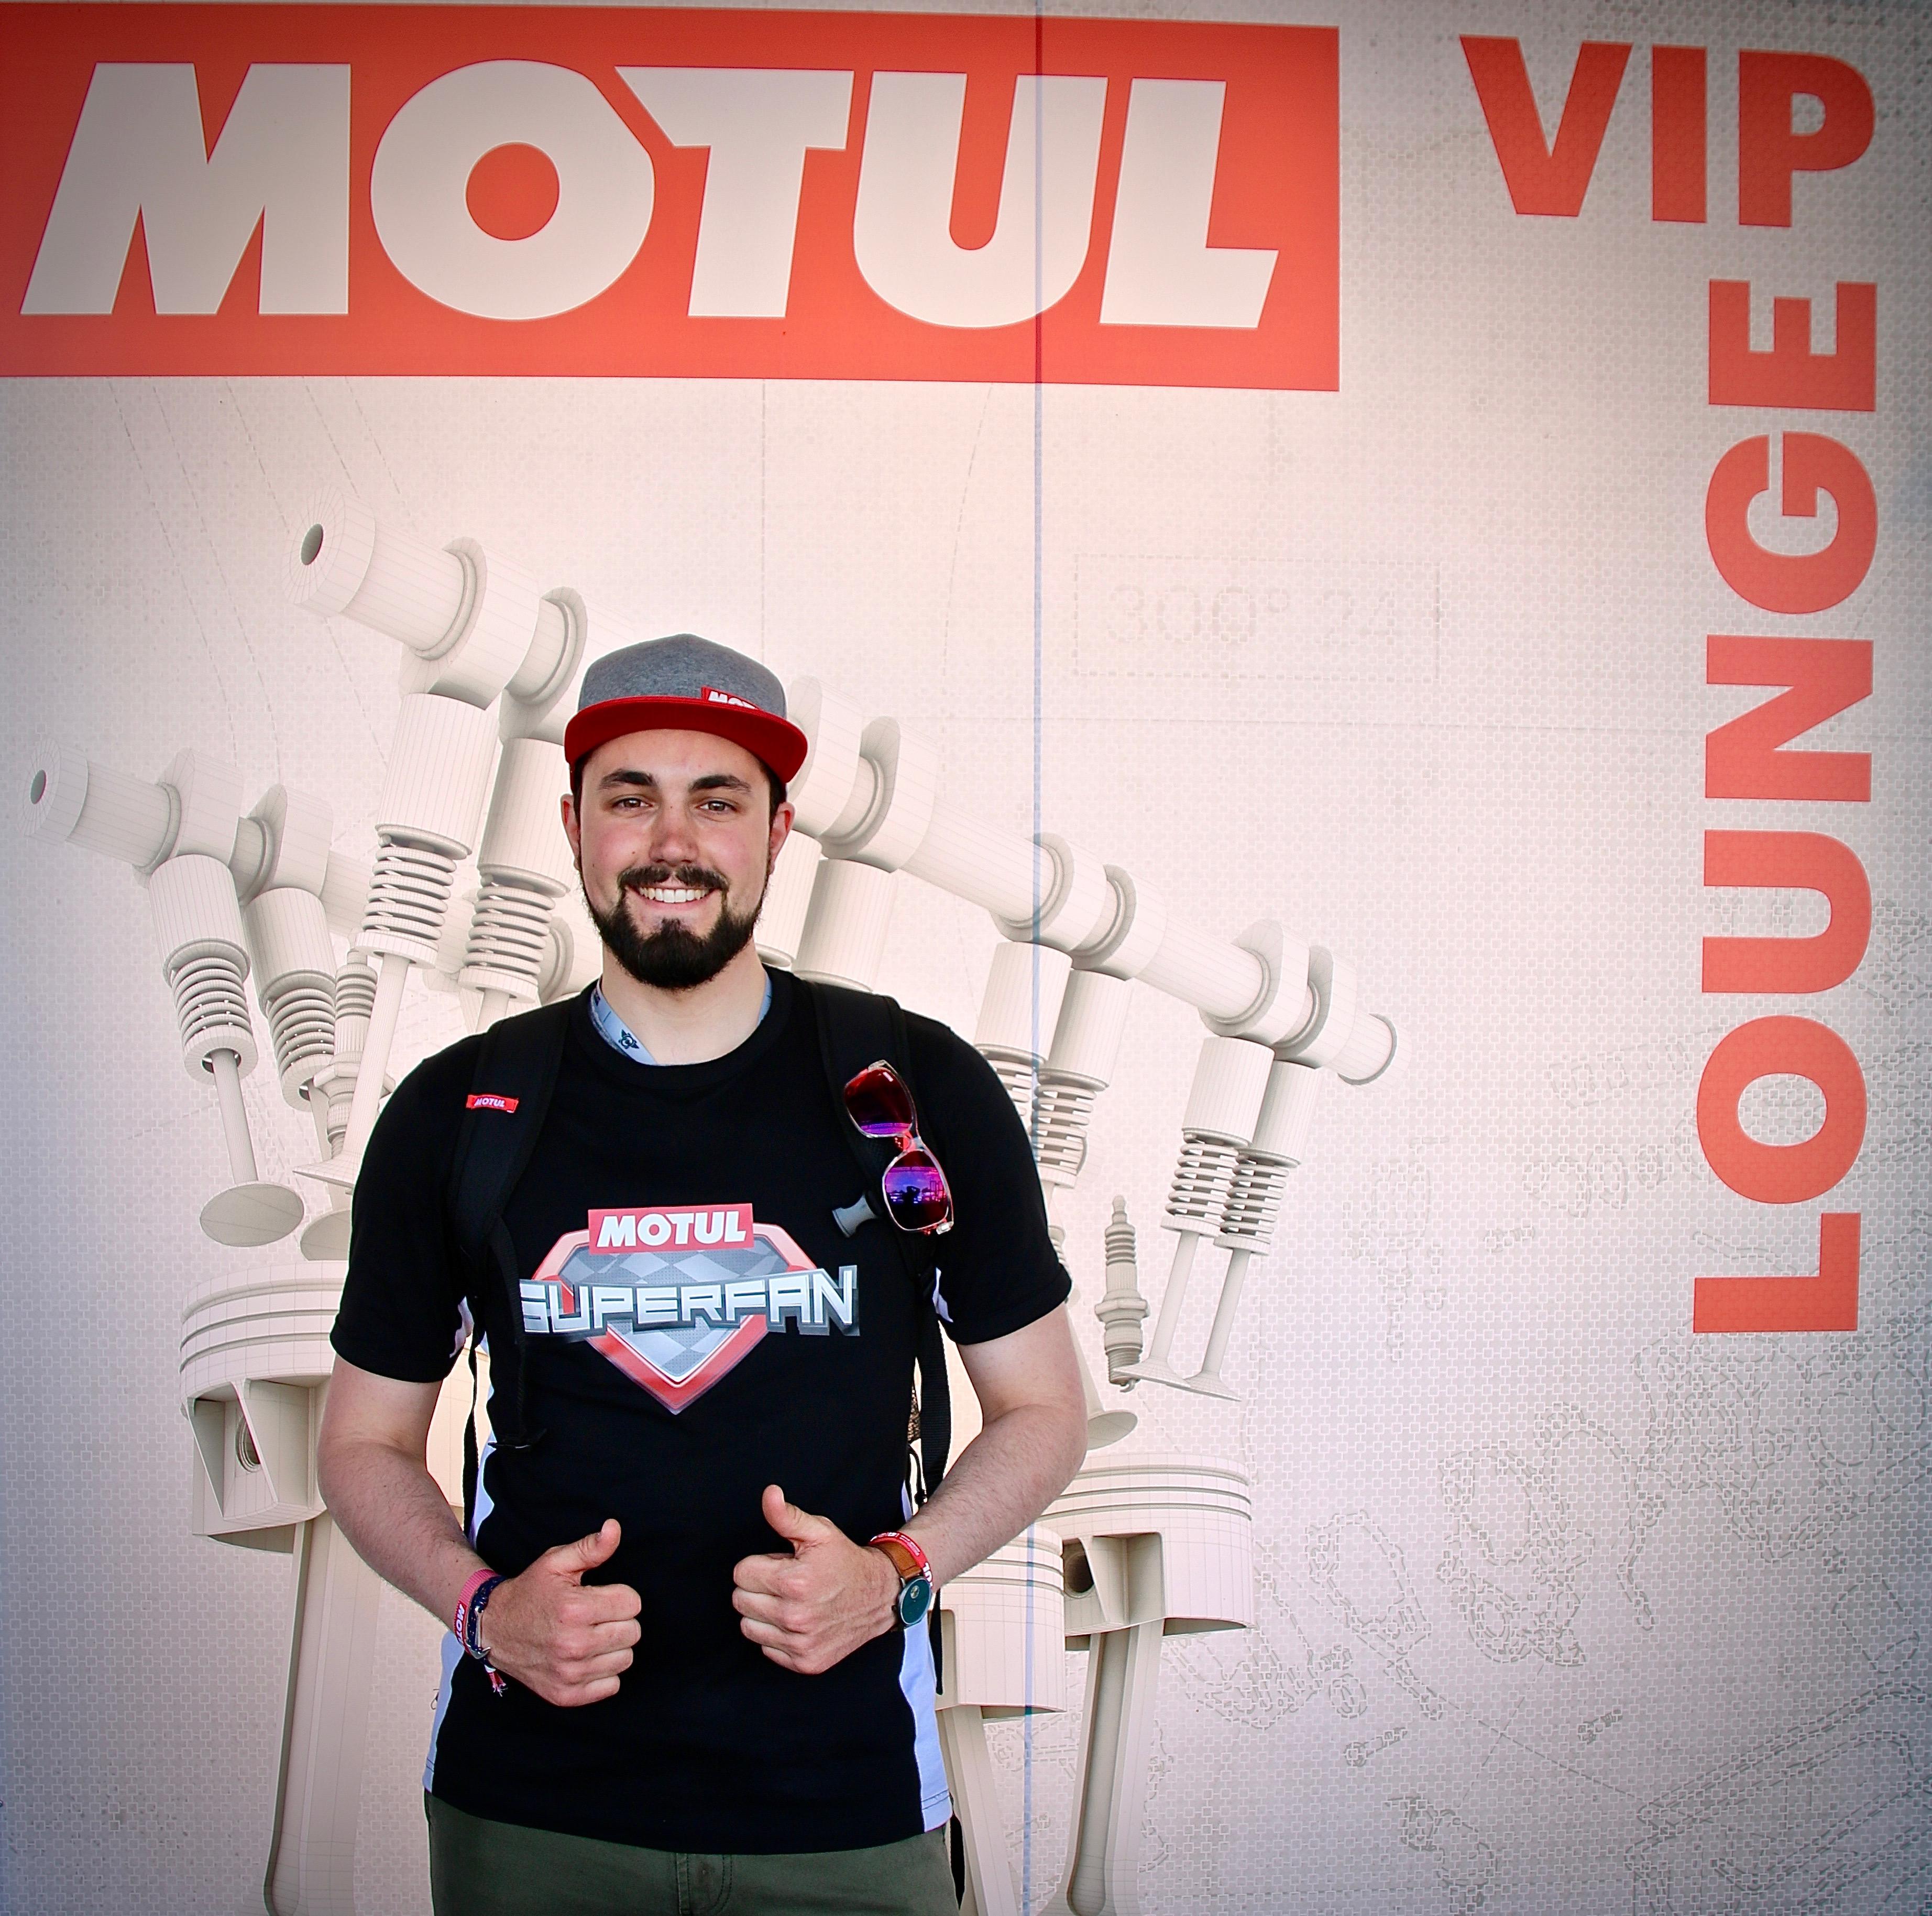 Motul Superfan – how it works